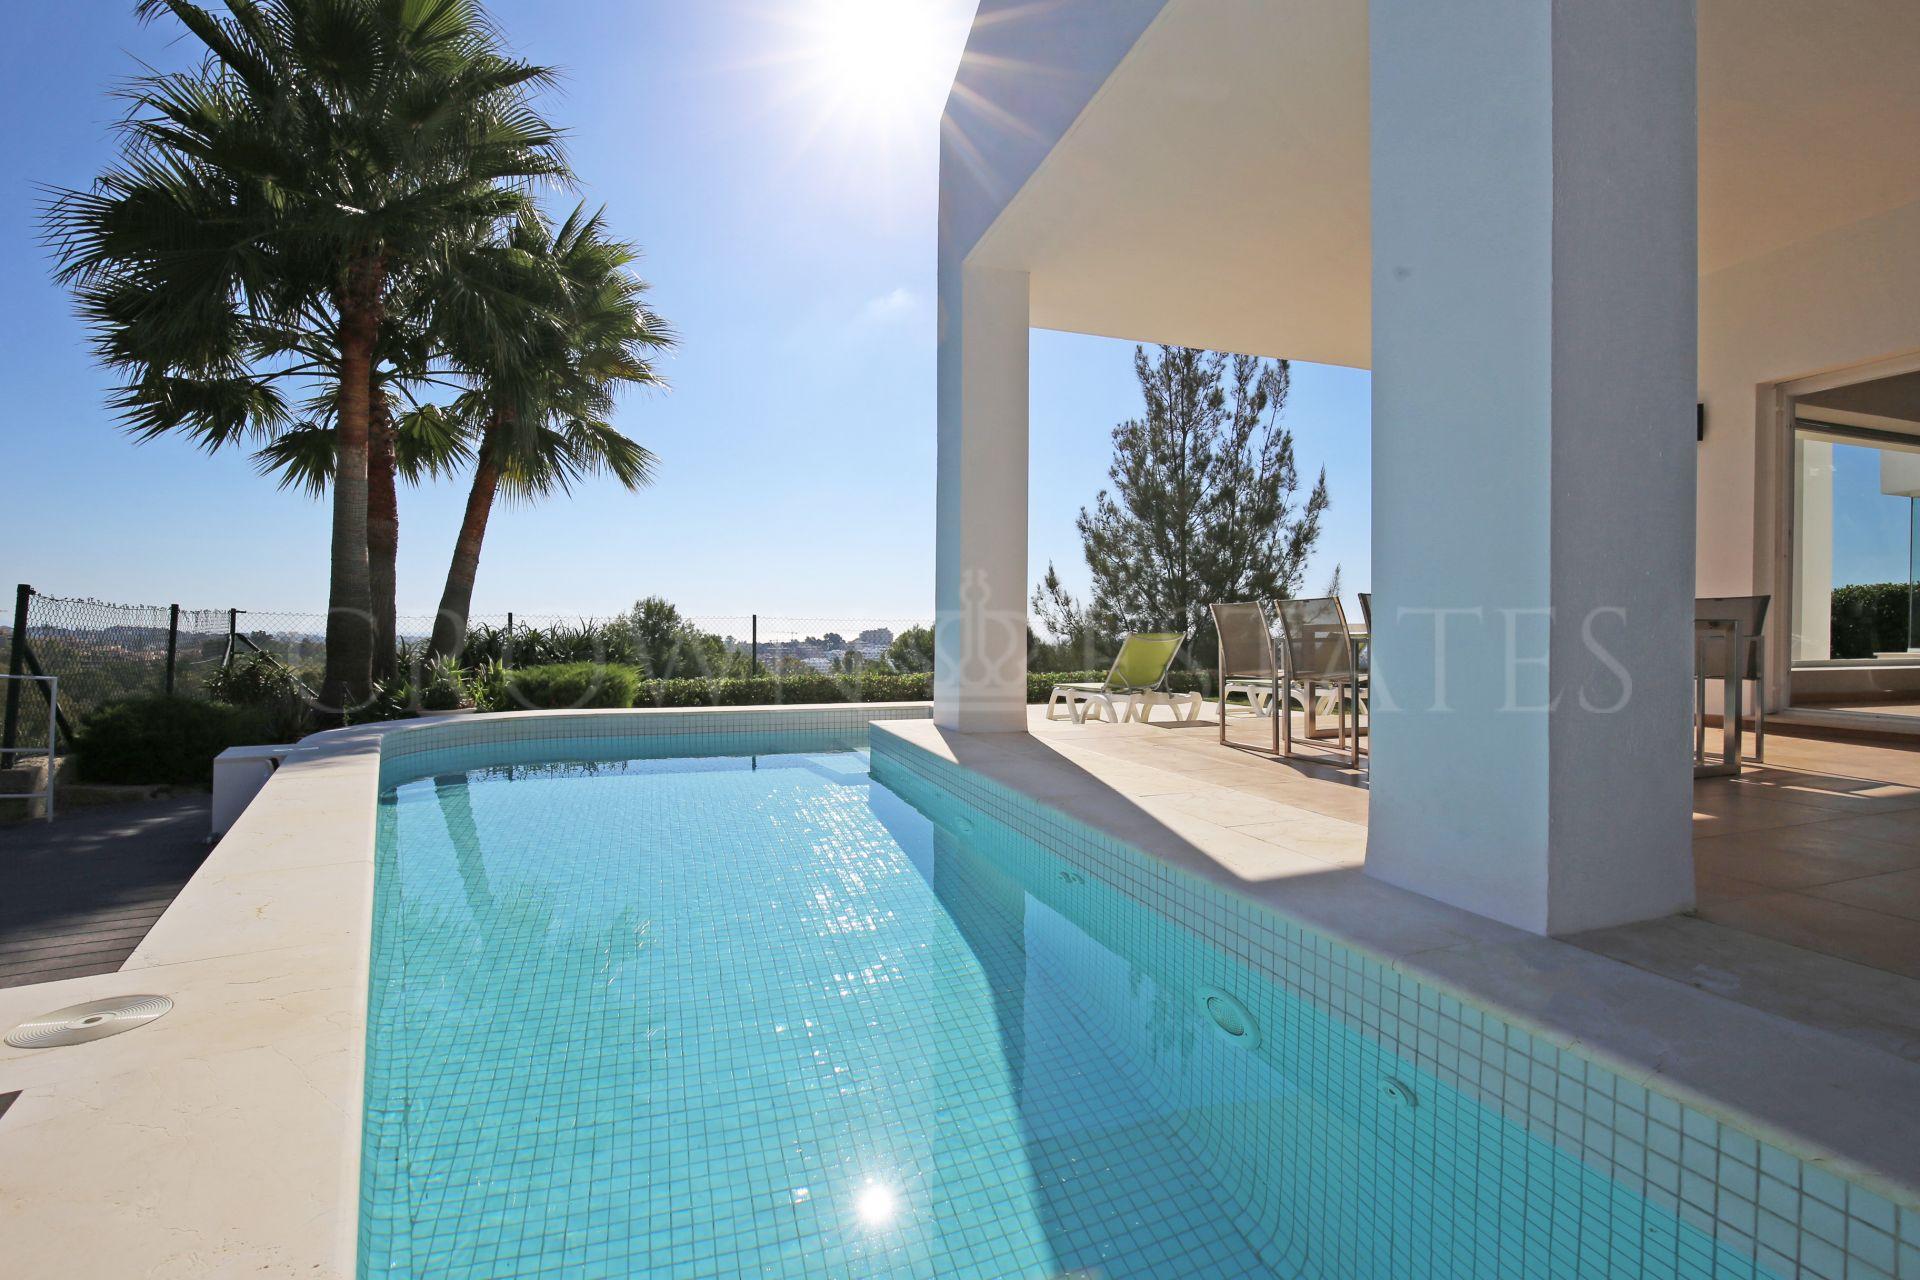 Villa for sale in La Alqueria, Benahavis